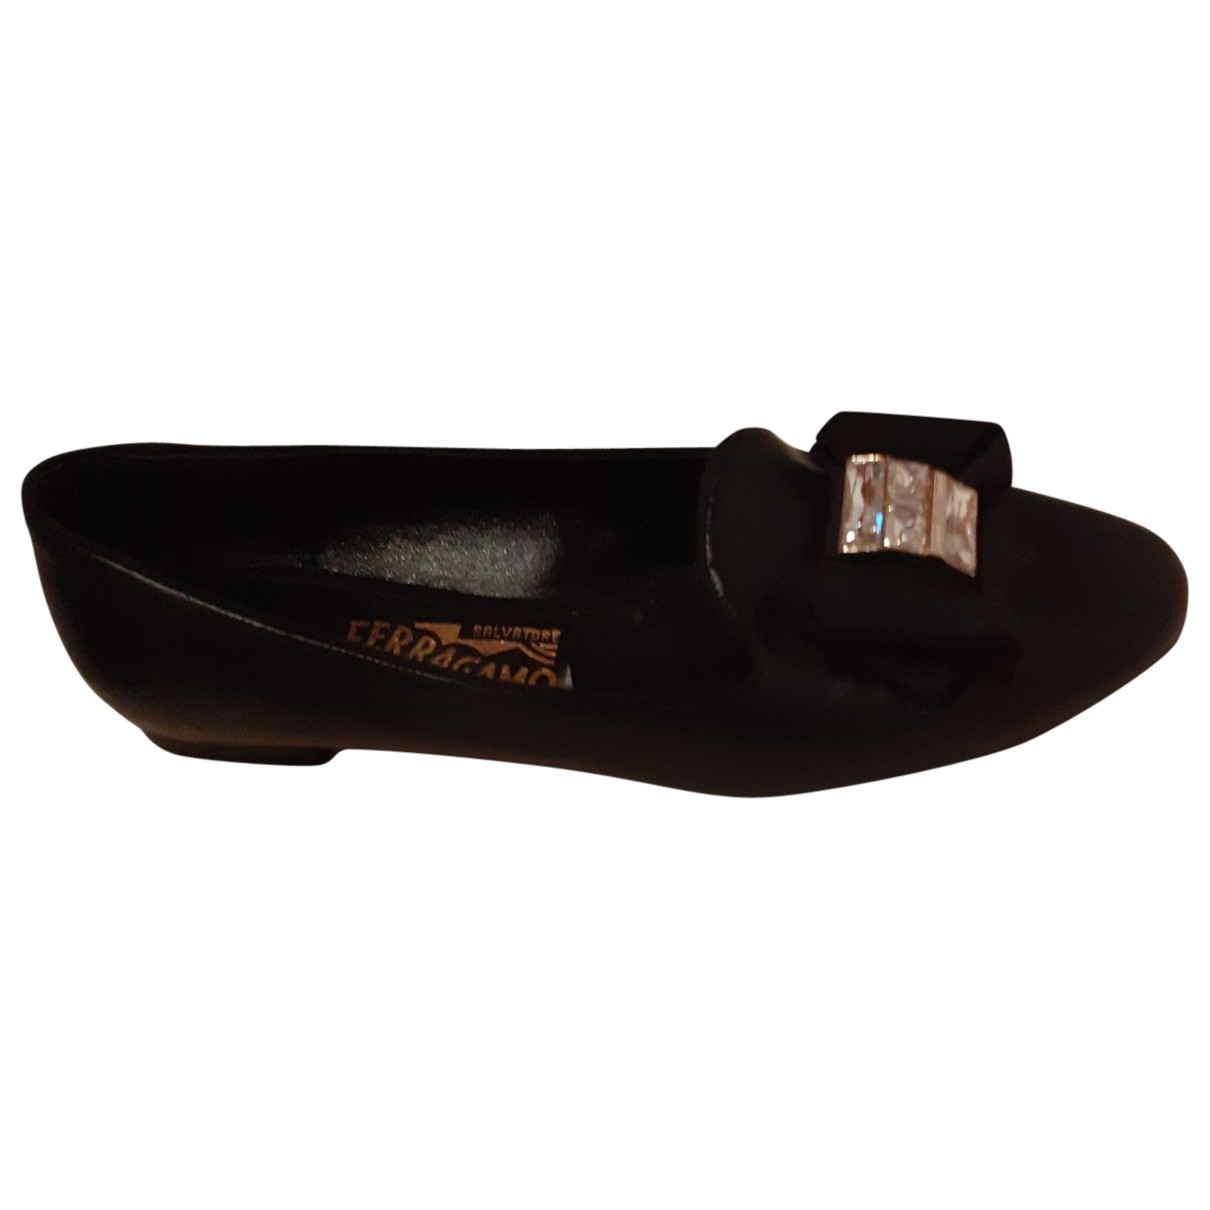 Salvatore Ferragamo \N Black Leather Flats for Women 37.5 EU